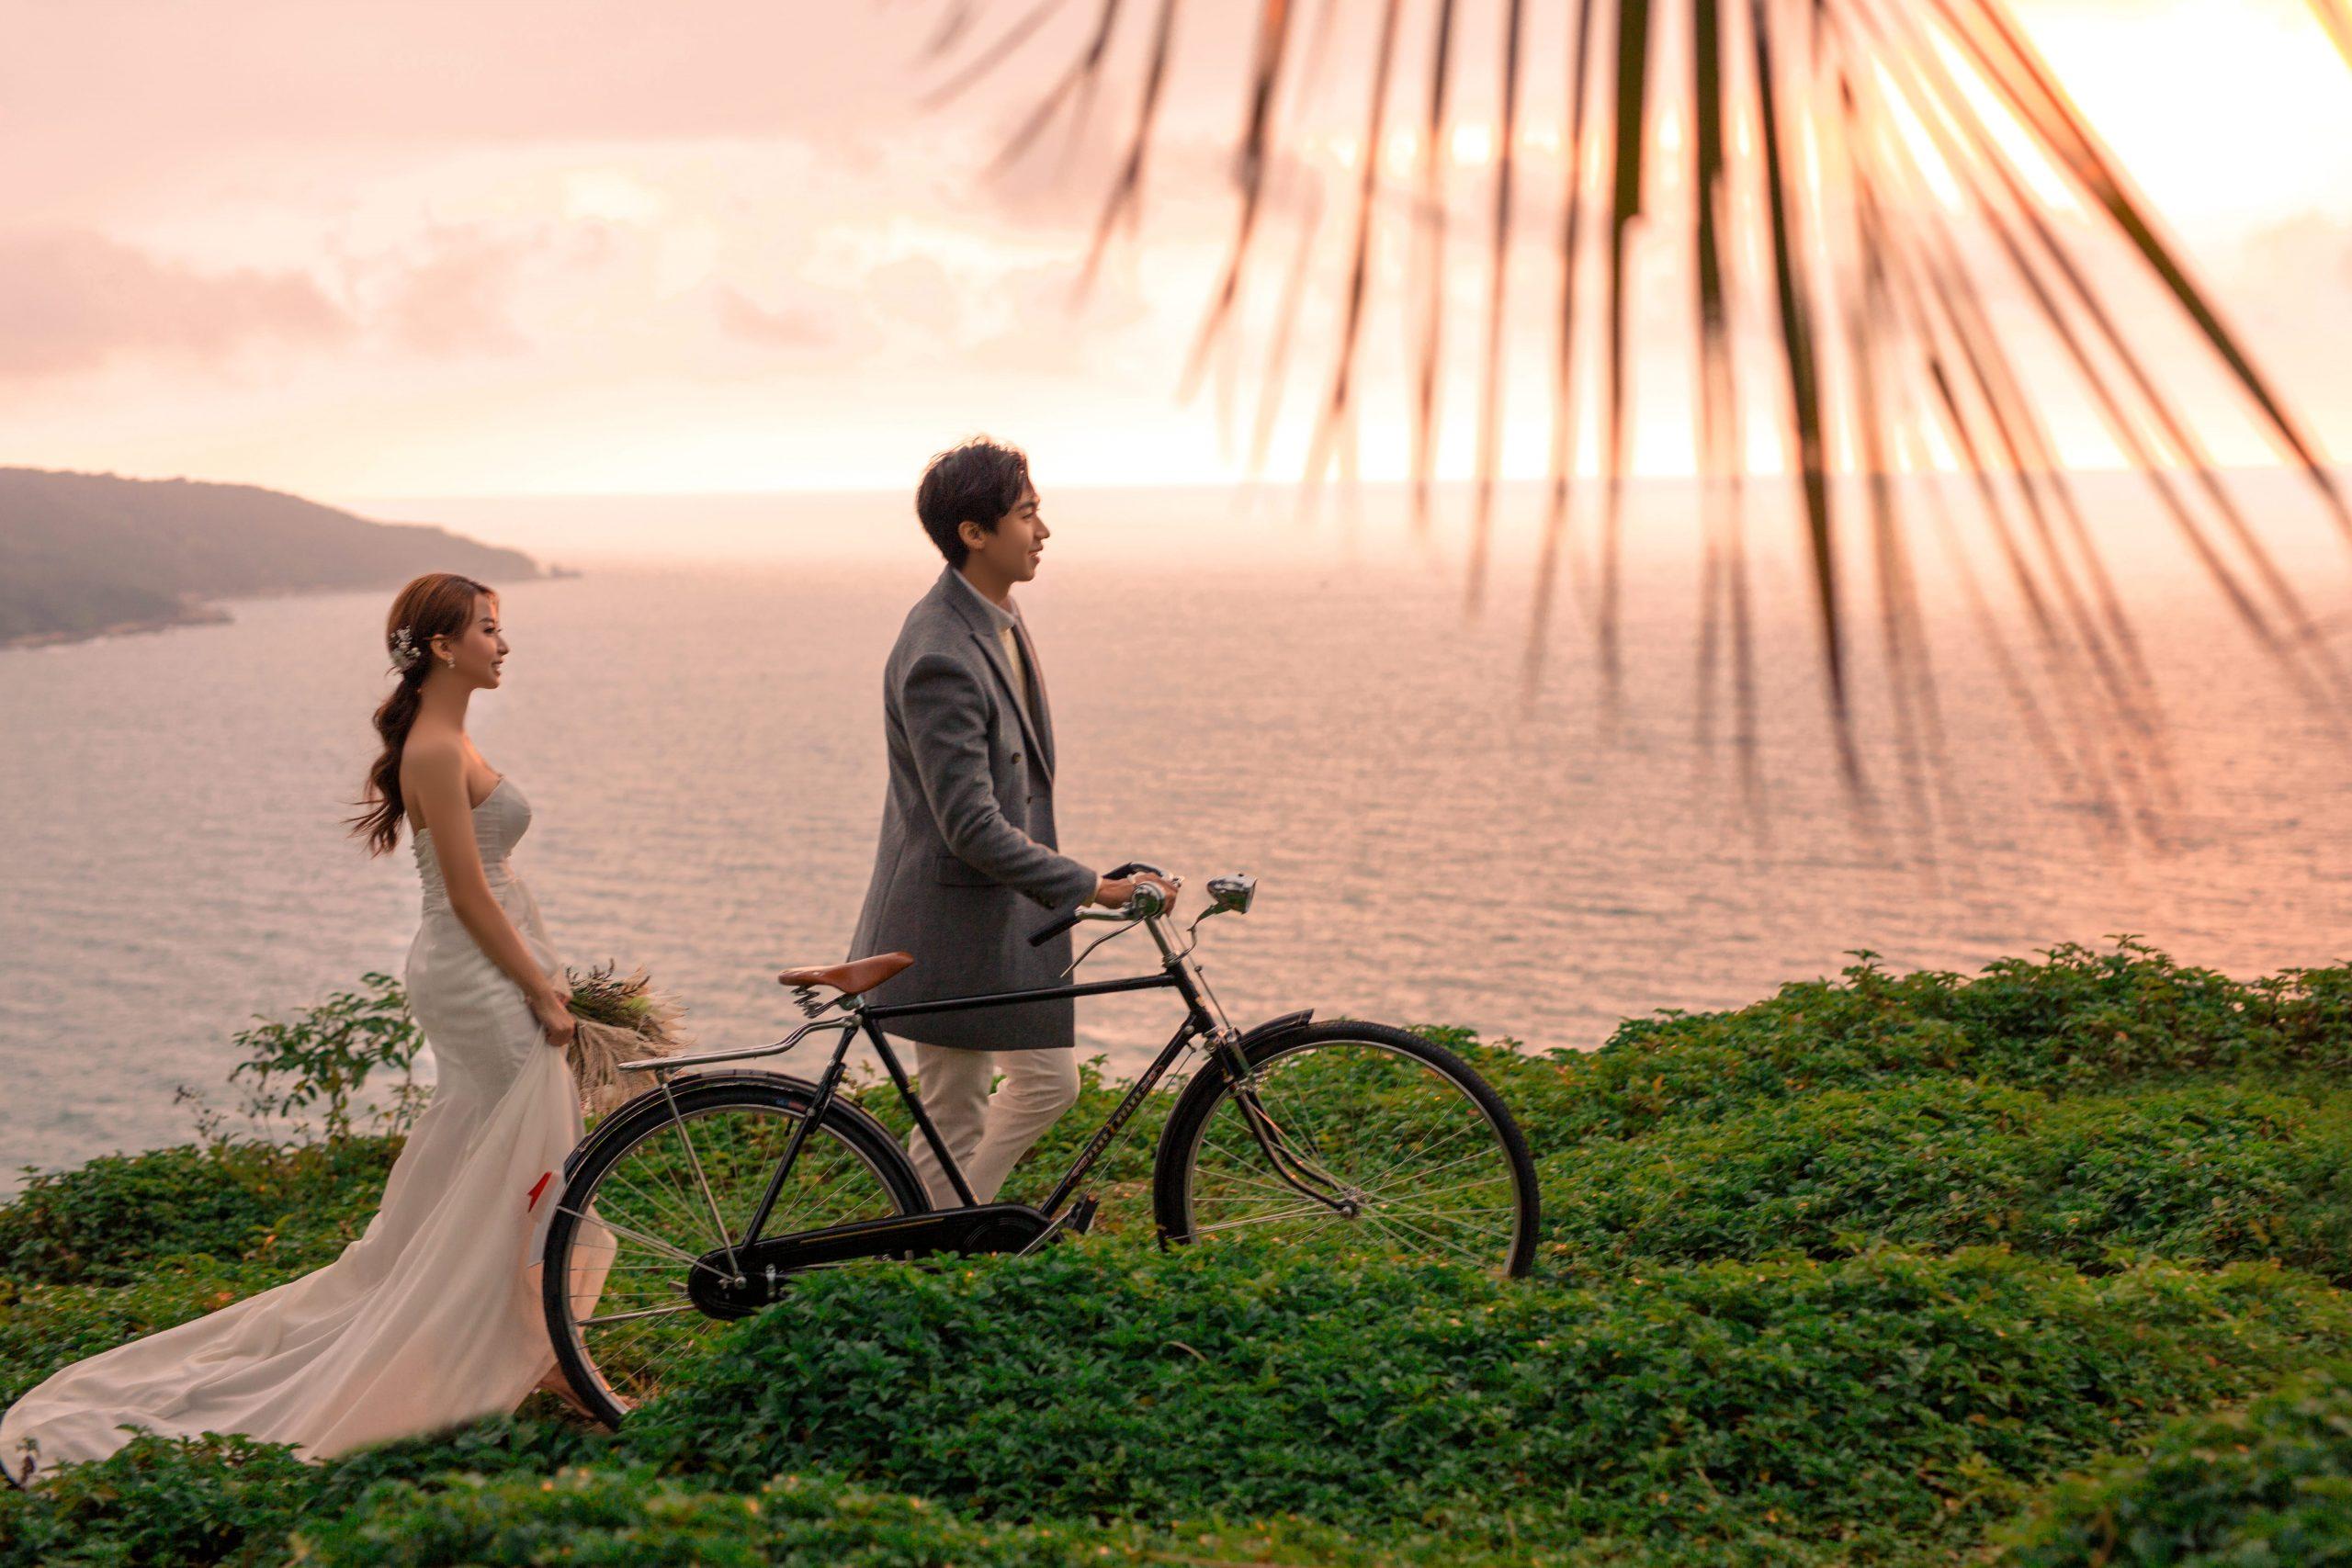 studio chụp ảnh cưới Đà Nẵng đẹp nhất